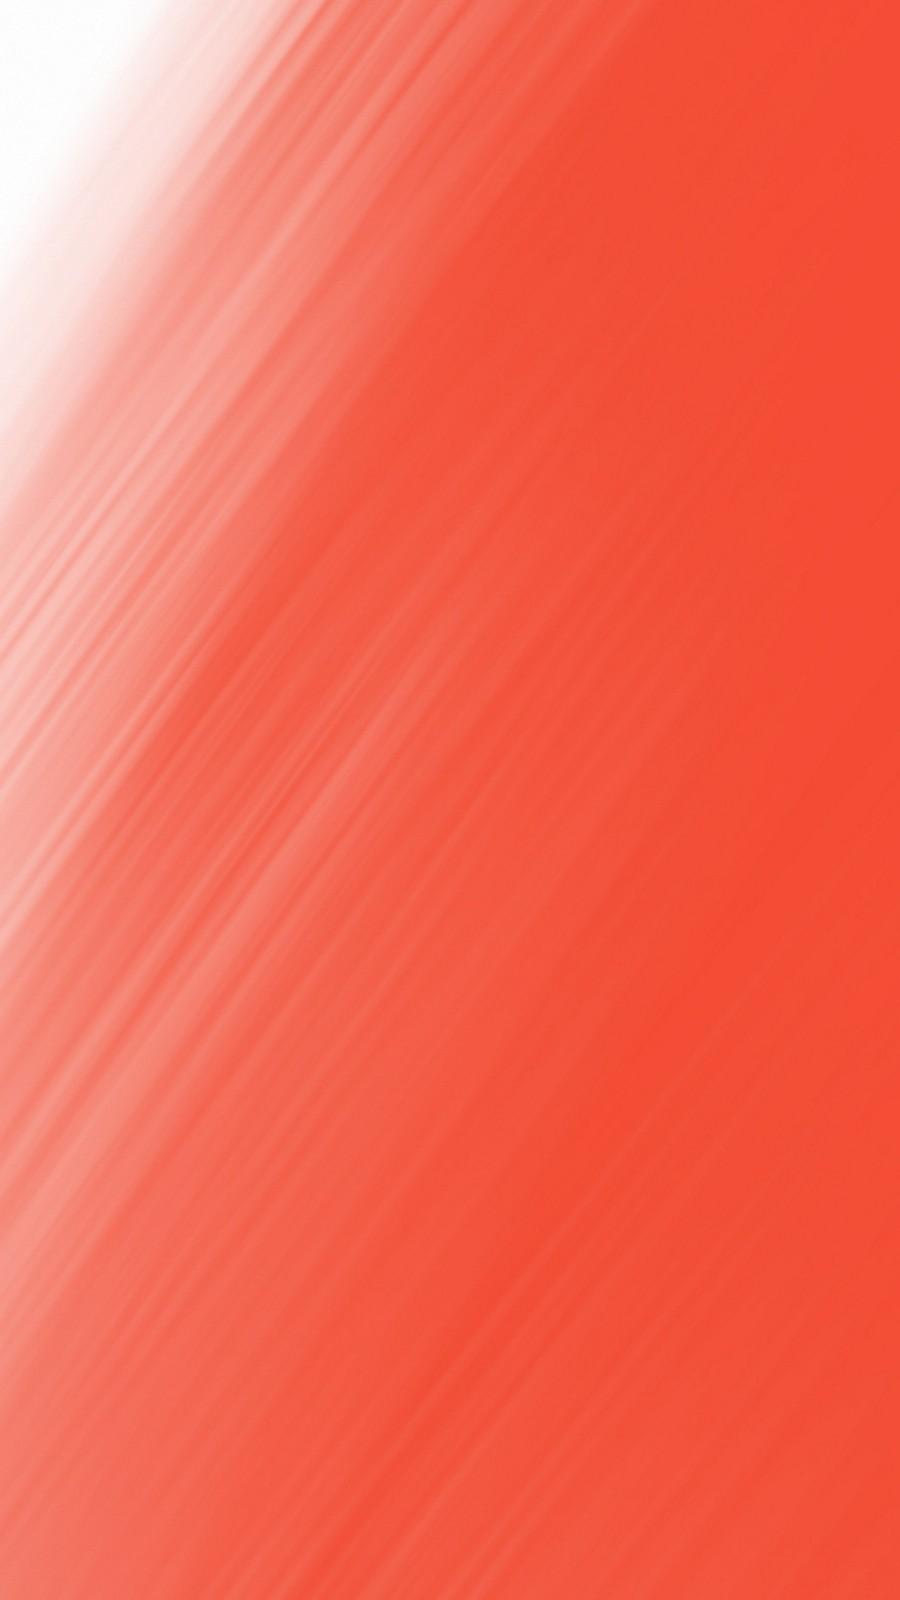 Orange poppy 21 Fresh Glow Blush – Orange Poppy No.01 - Image 2